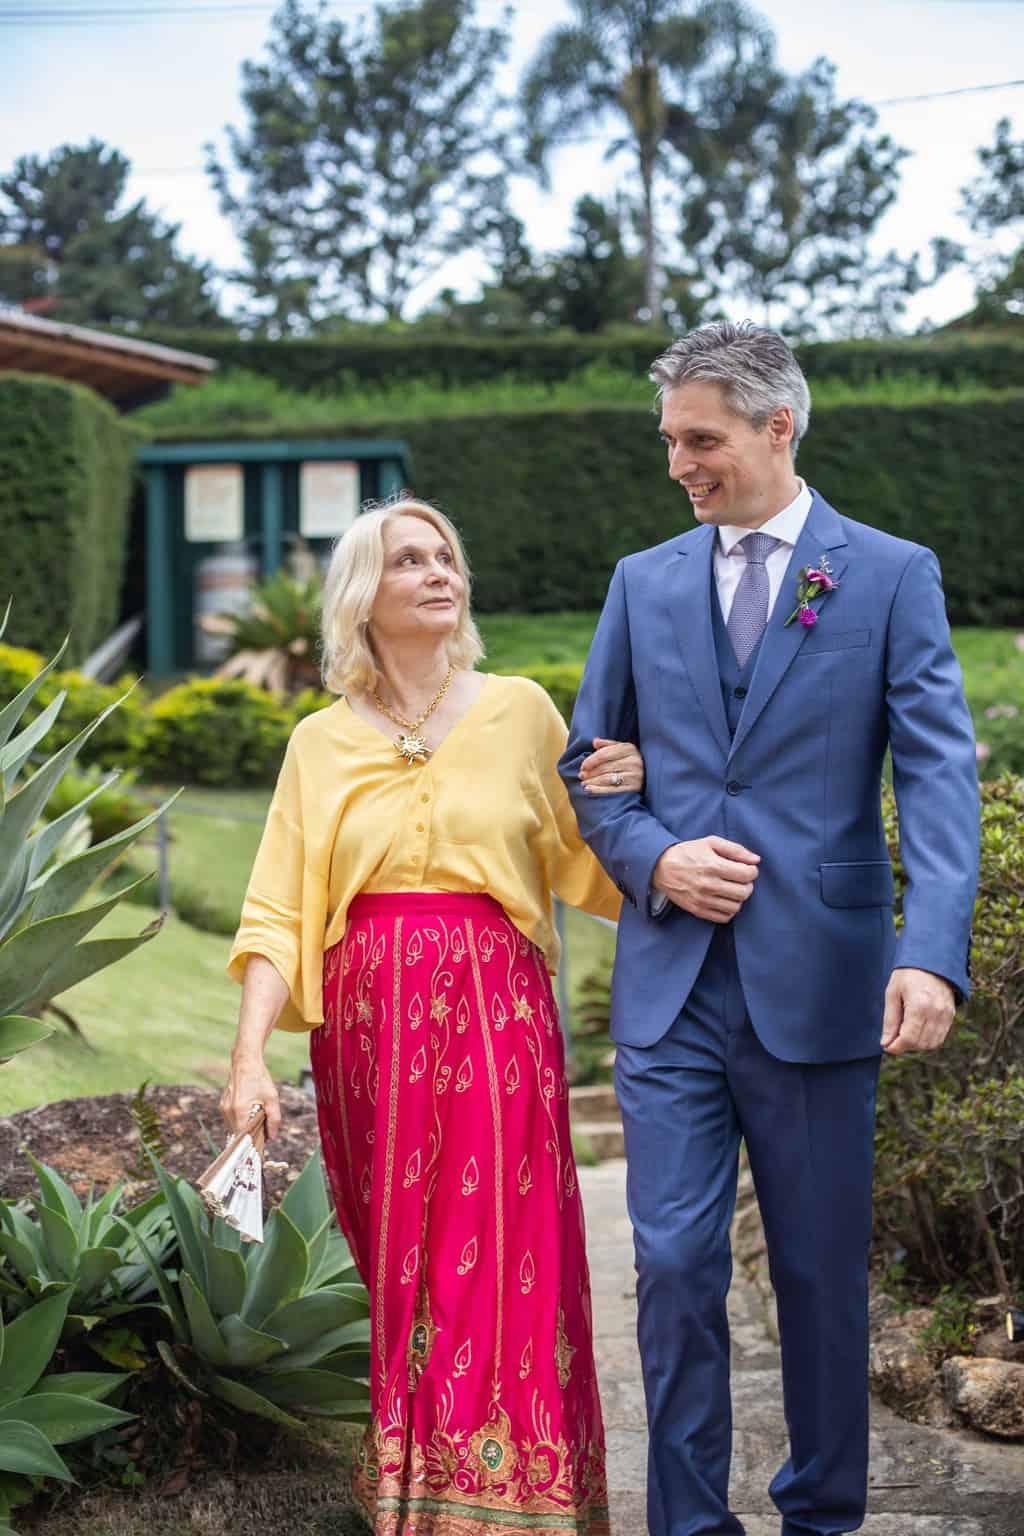 casamento-na-serra-cerimonia-ao-ar-livre-entrada-do-noivo-Fotografia-Laura-Campanella-graviola-filmes-Juliana-e-Sebastian-Pousada-La-Belle-Bruna20